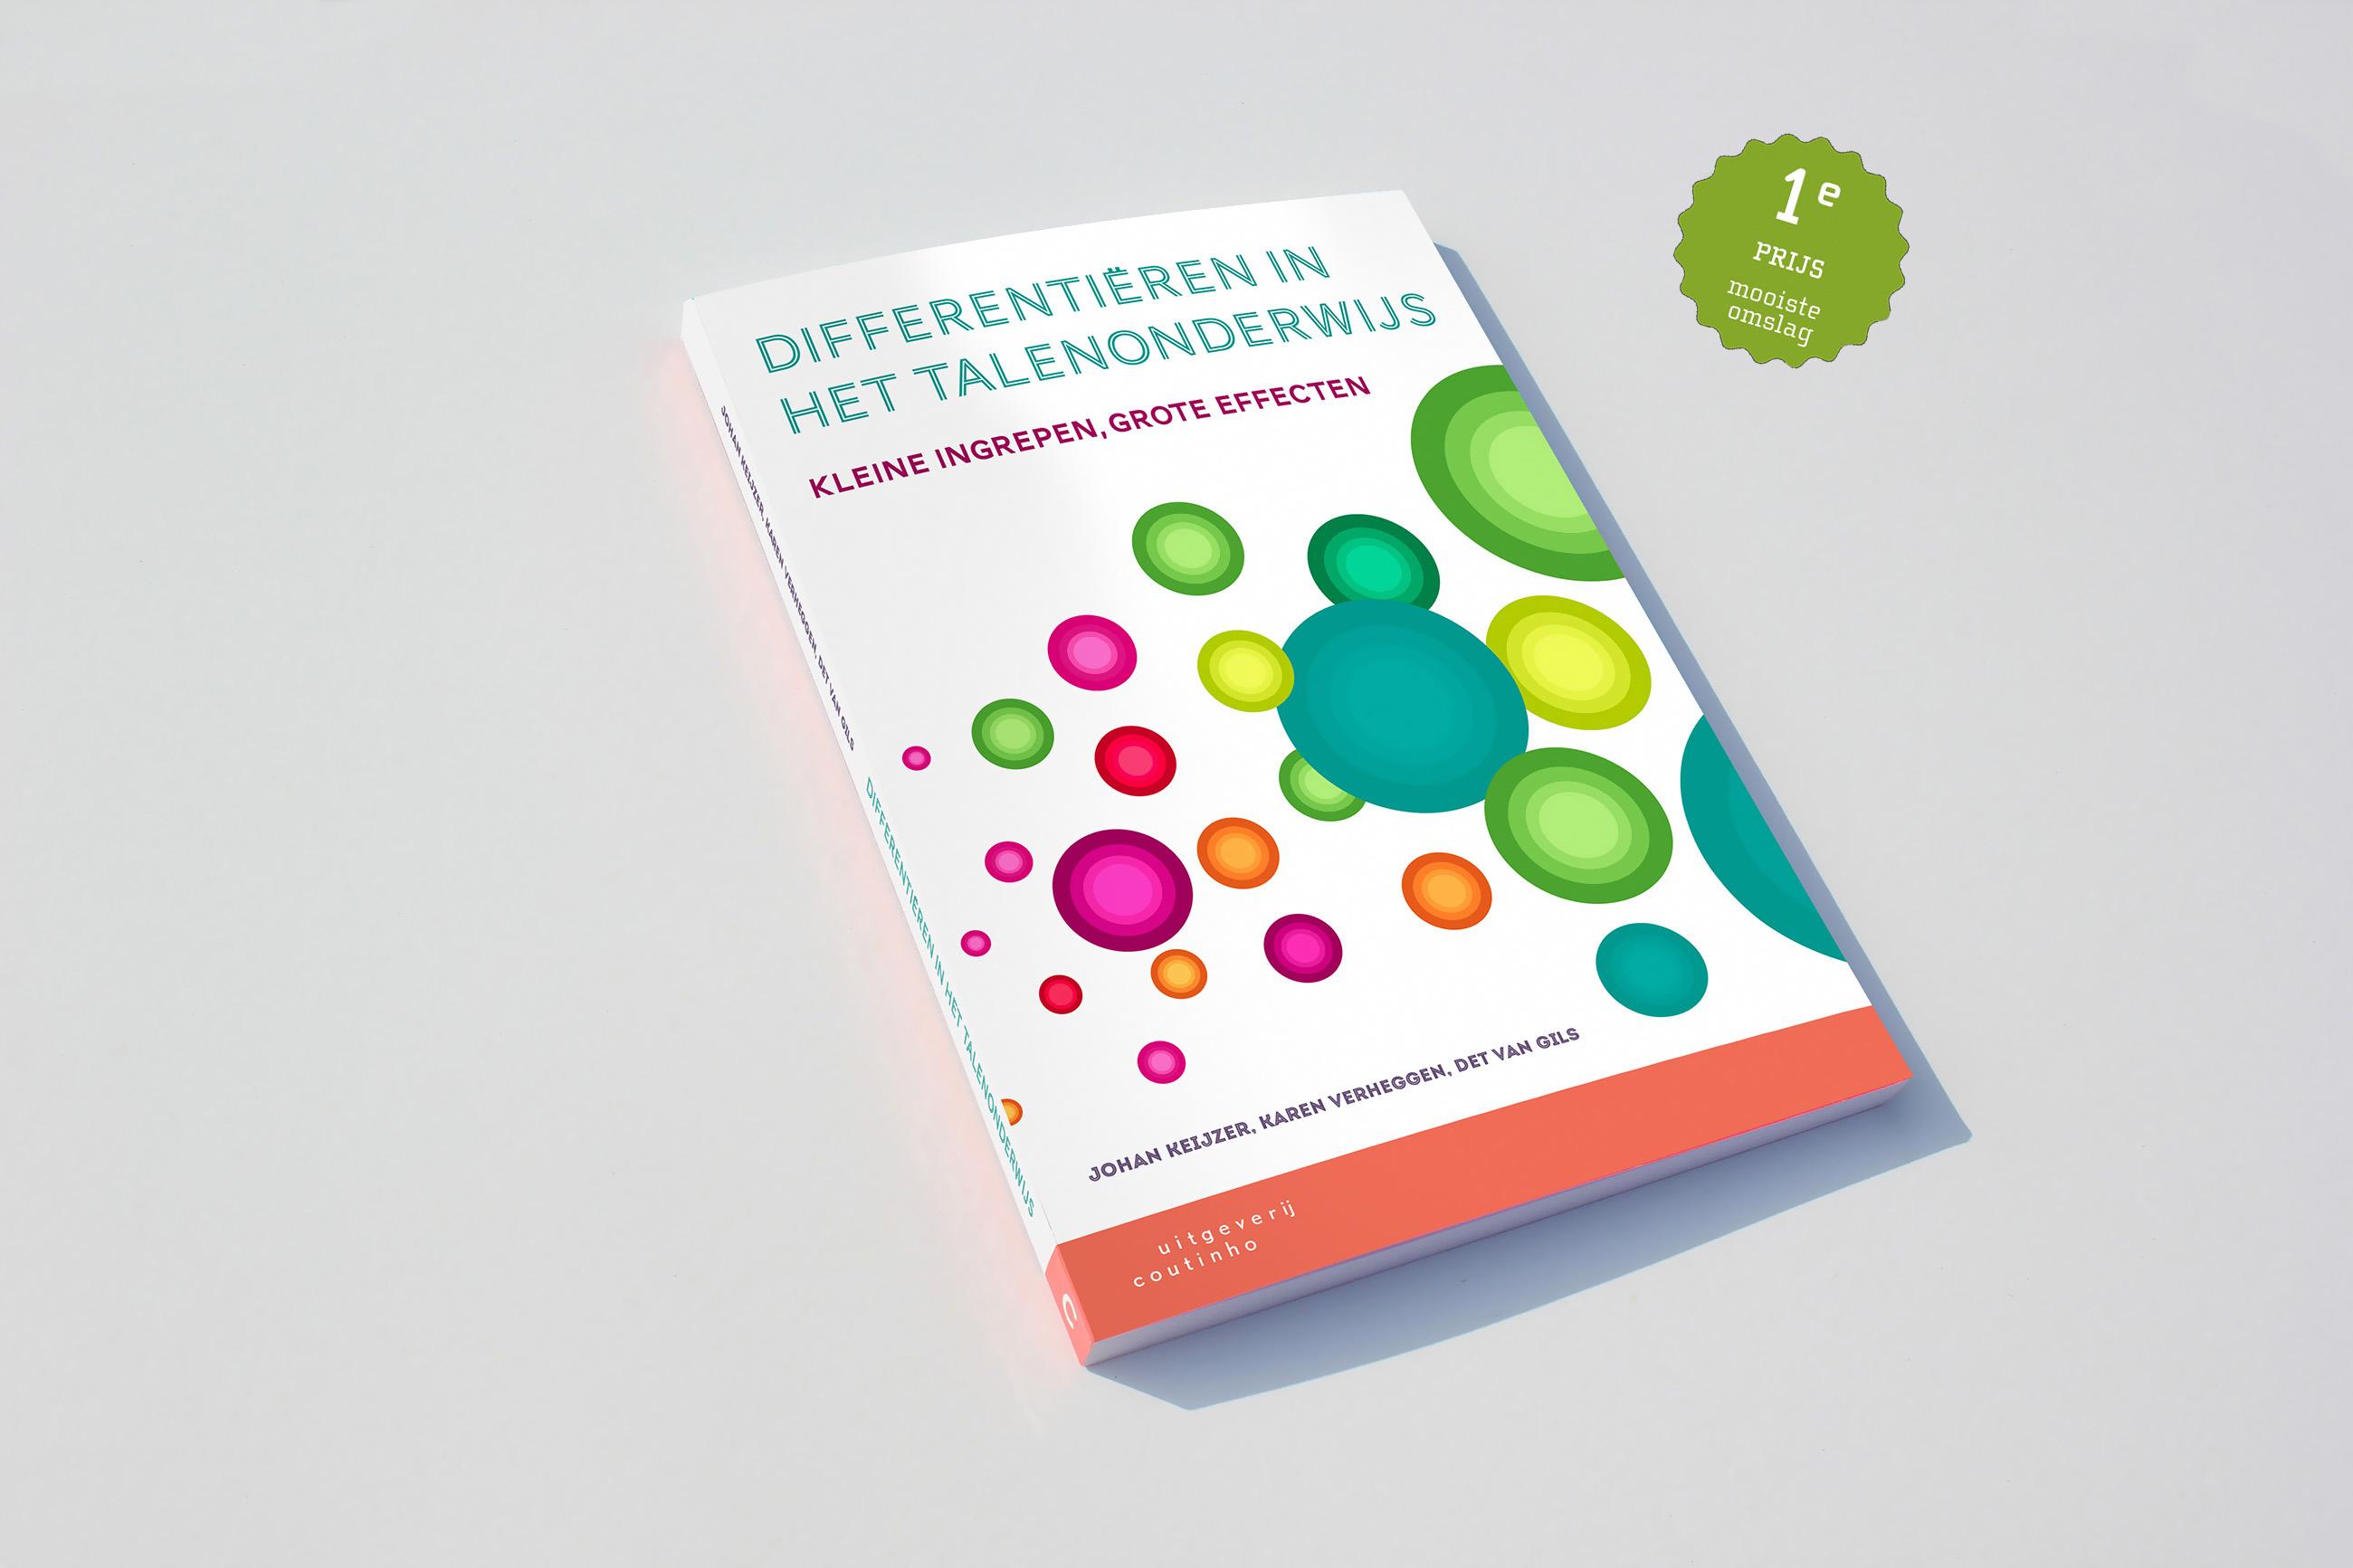 Boekomslag, Differentiëren in talenonderwijs, Coutinho, grafisch ontwerp Neo & Co